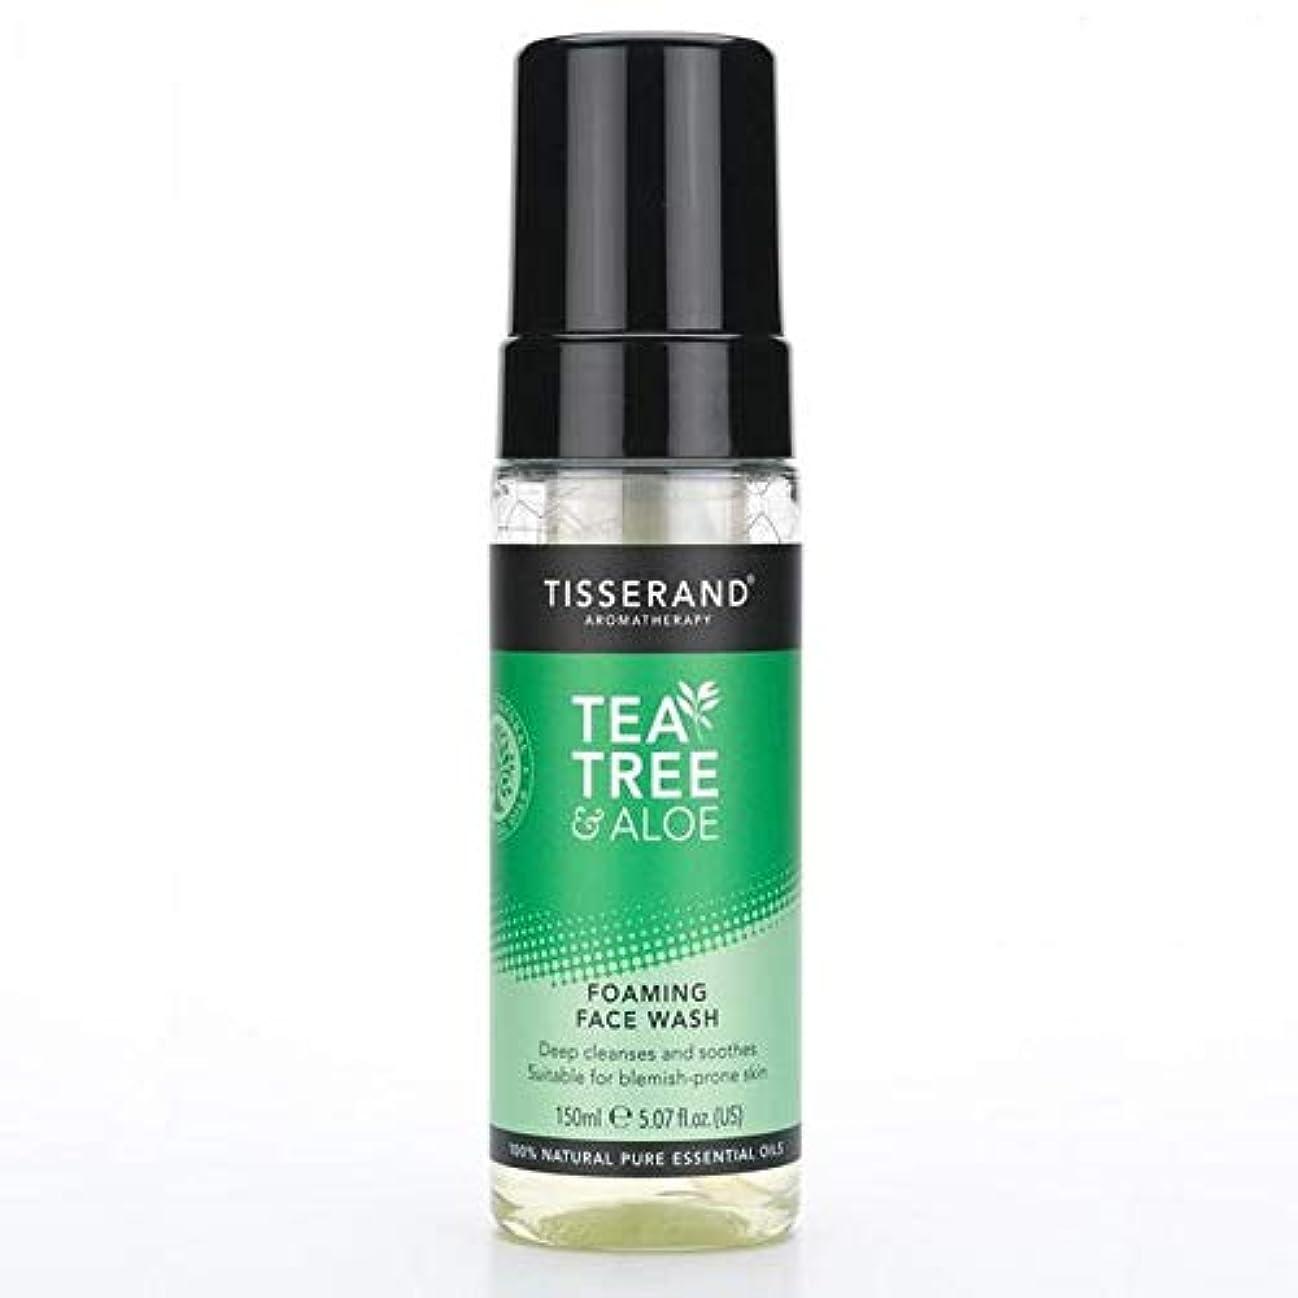 くつろぎ月曜日悲しみ[Tisserand] 洗顔料の150ミリリットルを発泡ティスランドティーツリー&アロエ - Tisserand Tea Tree & Aloe Foaming Face Wash 150ml [並行輸入品]